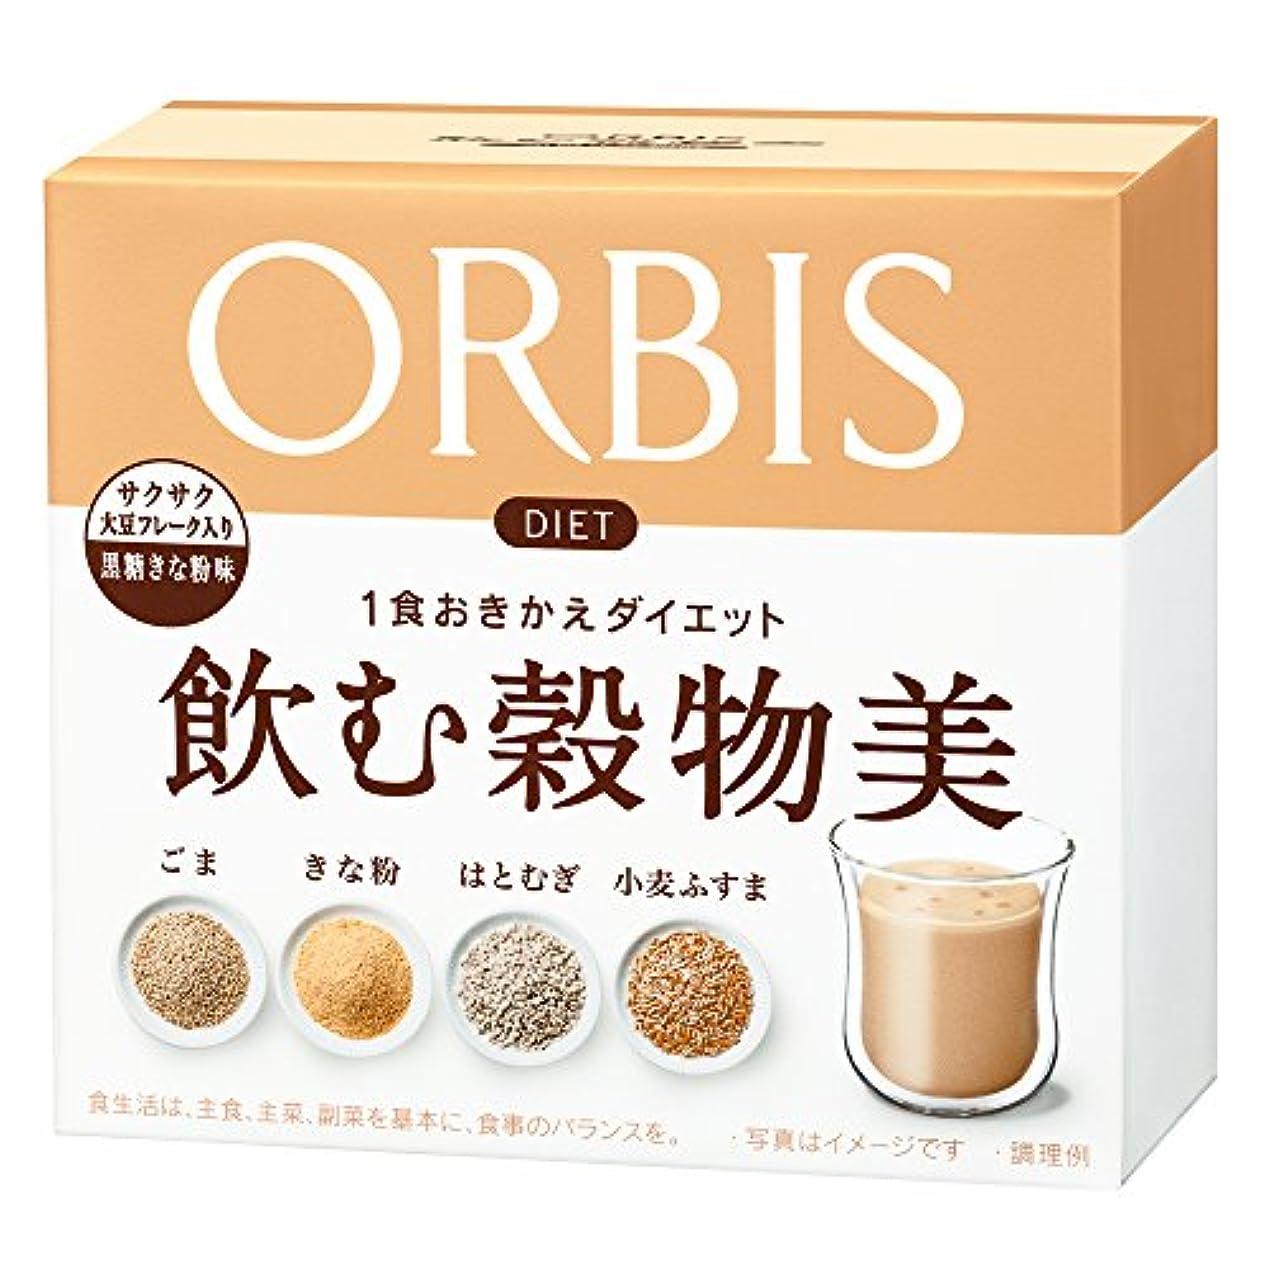 平行ドック熟読するオルビス(ORBIS) 飲む穀物美 黒糖きなこ味 7日分(25g×7袋) ◎雑穀ダイエットシェイク◎ 1食分約189kcal